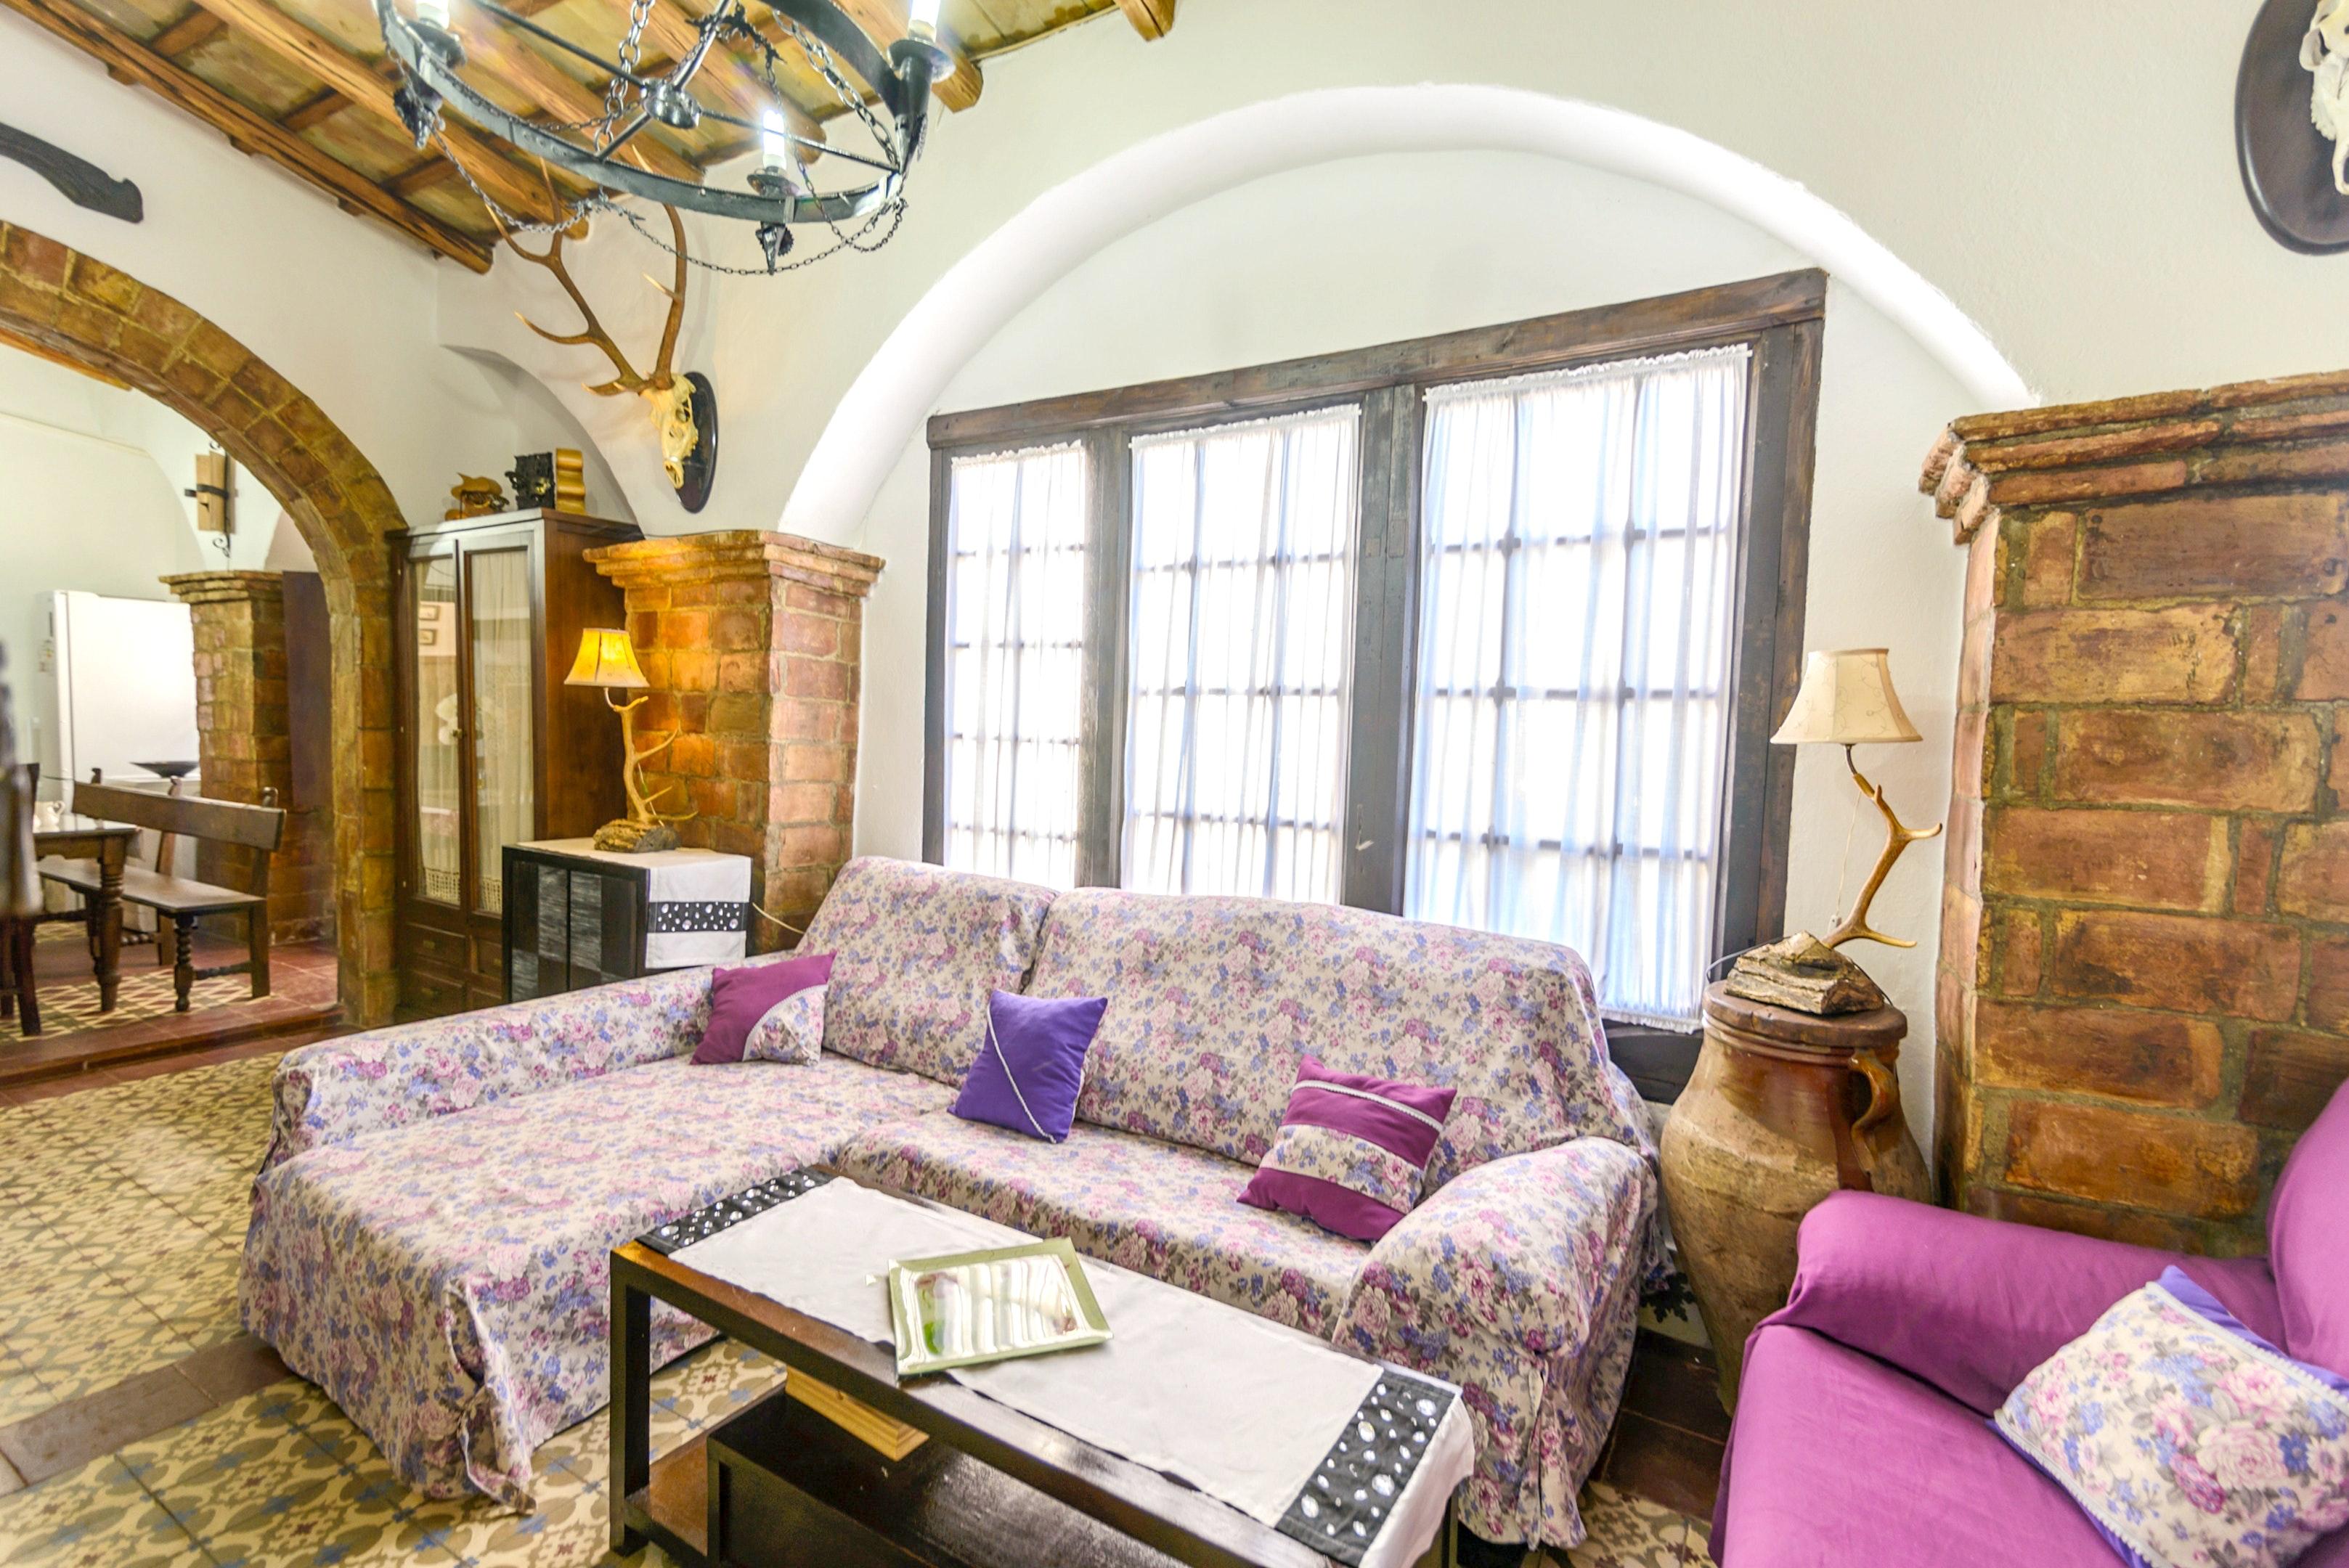 Ferienhaus Villa mit 3 Schlafzimmern in Peñaflor mit privatem Pool, eingezäuntem Garten und W-LAN (2208249), Peñaflor, Sevilla, Andalusien, Spanien, Bild 35